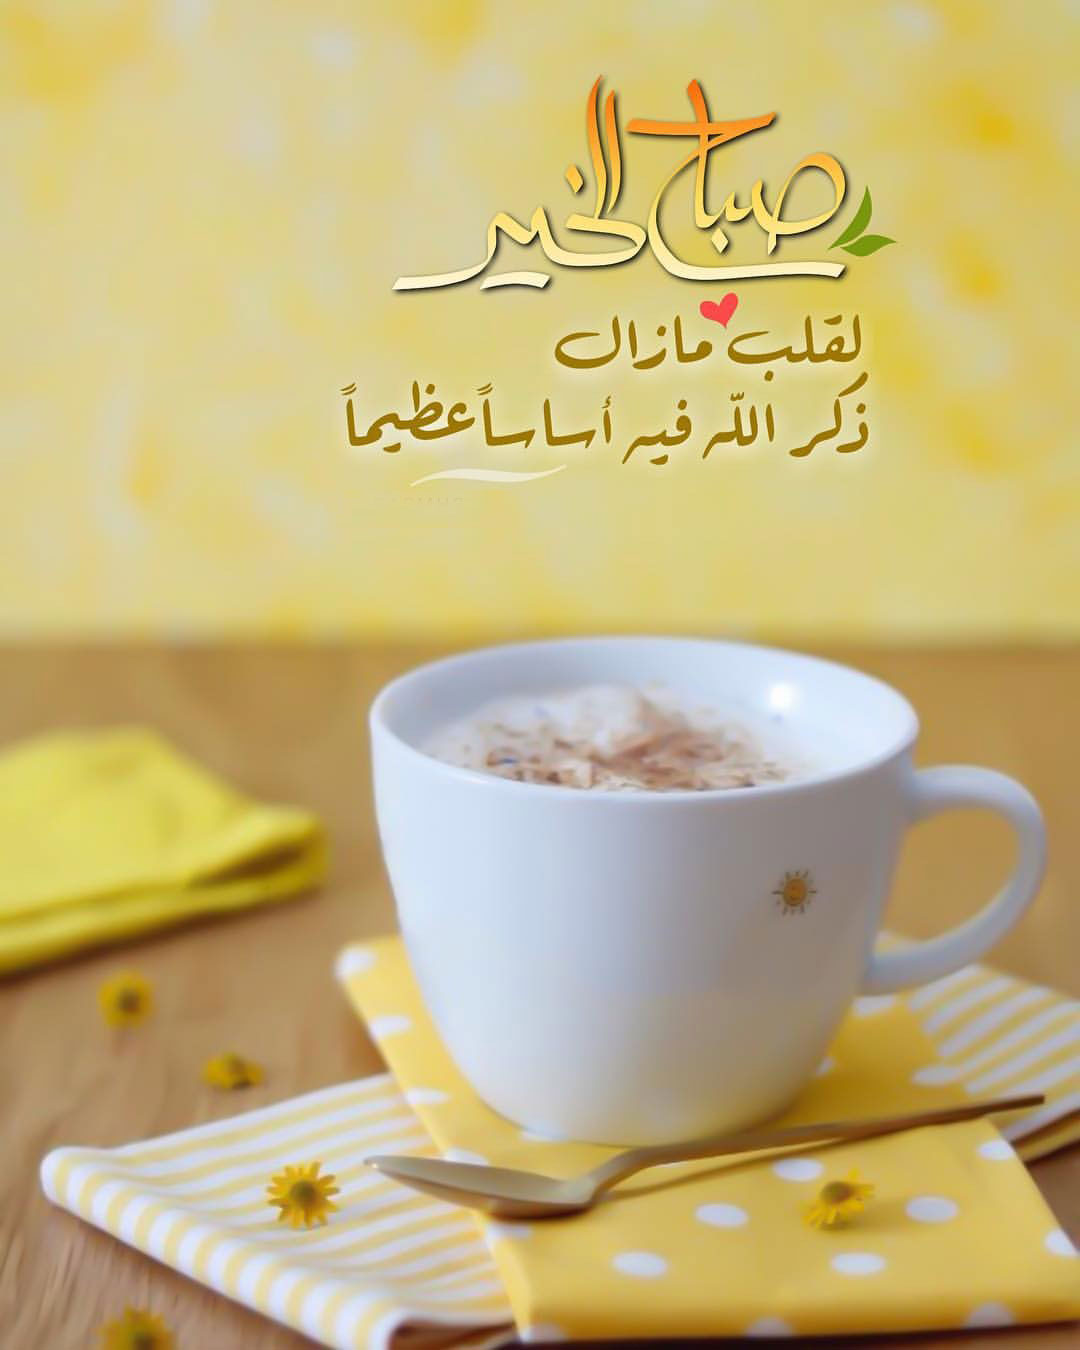 بالصور اجمل صباح الخير , صور رسائل صباحية 4213 9